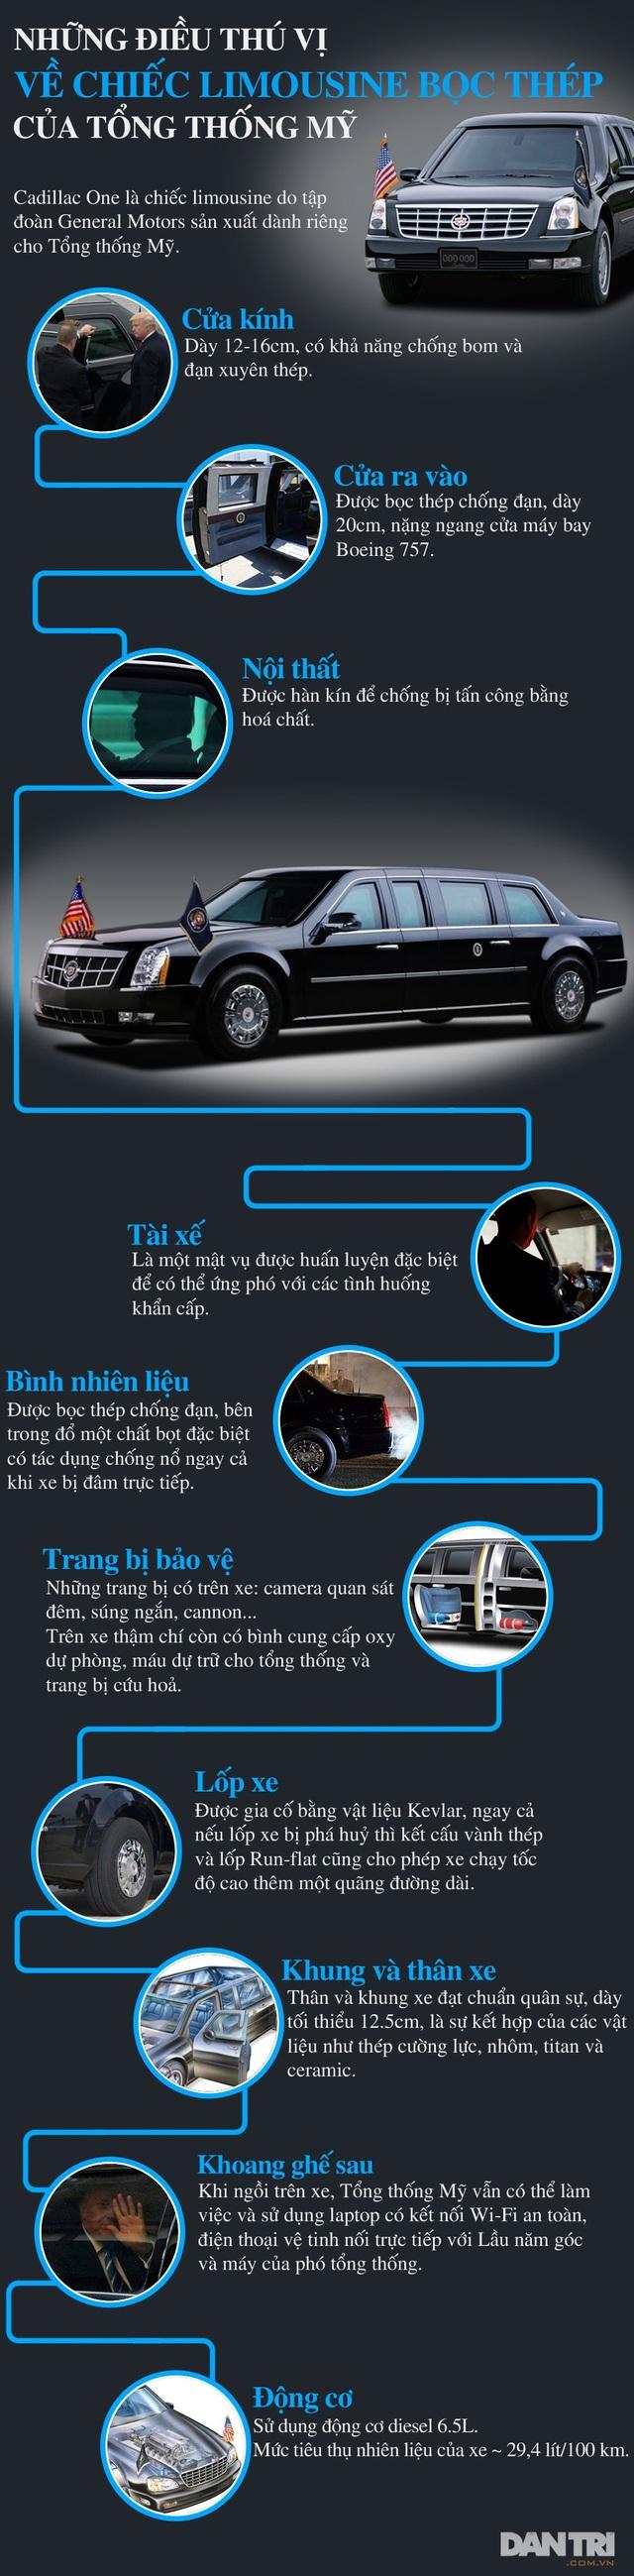 """Vì sao ô tô của Tổng thống Mỹ được mệnh danh là """"Quái thú""""? - 1"""